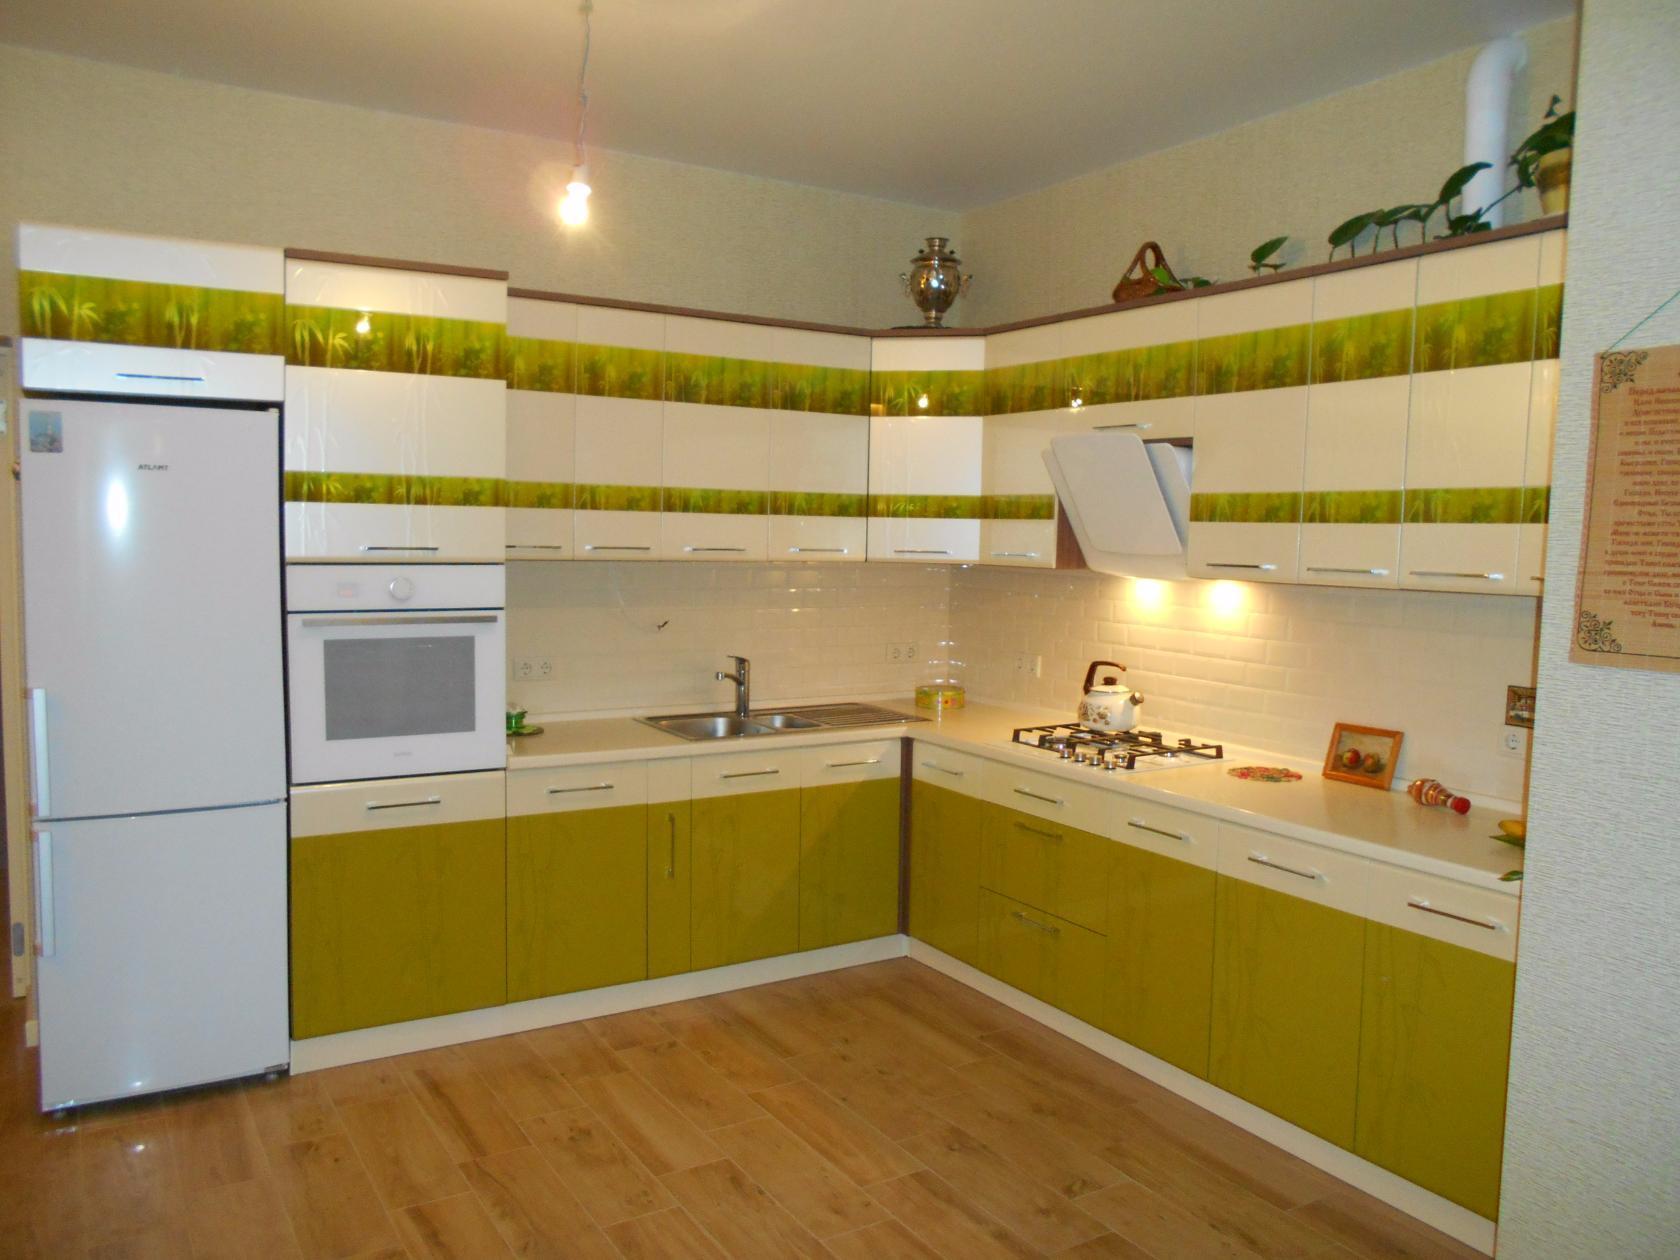 Выбираем ламинат для кухни: советы по уходу и эксплуатации, реальные отзывы и фото примеры